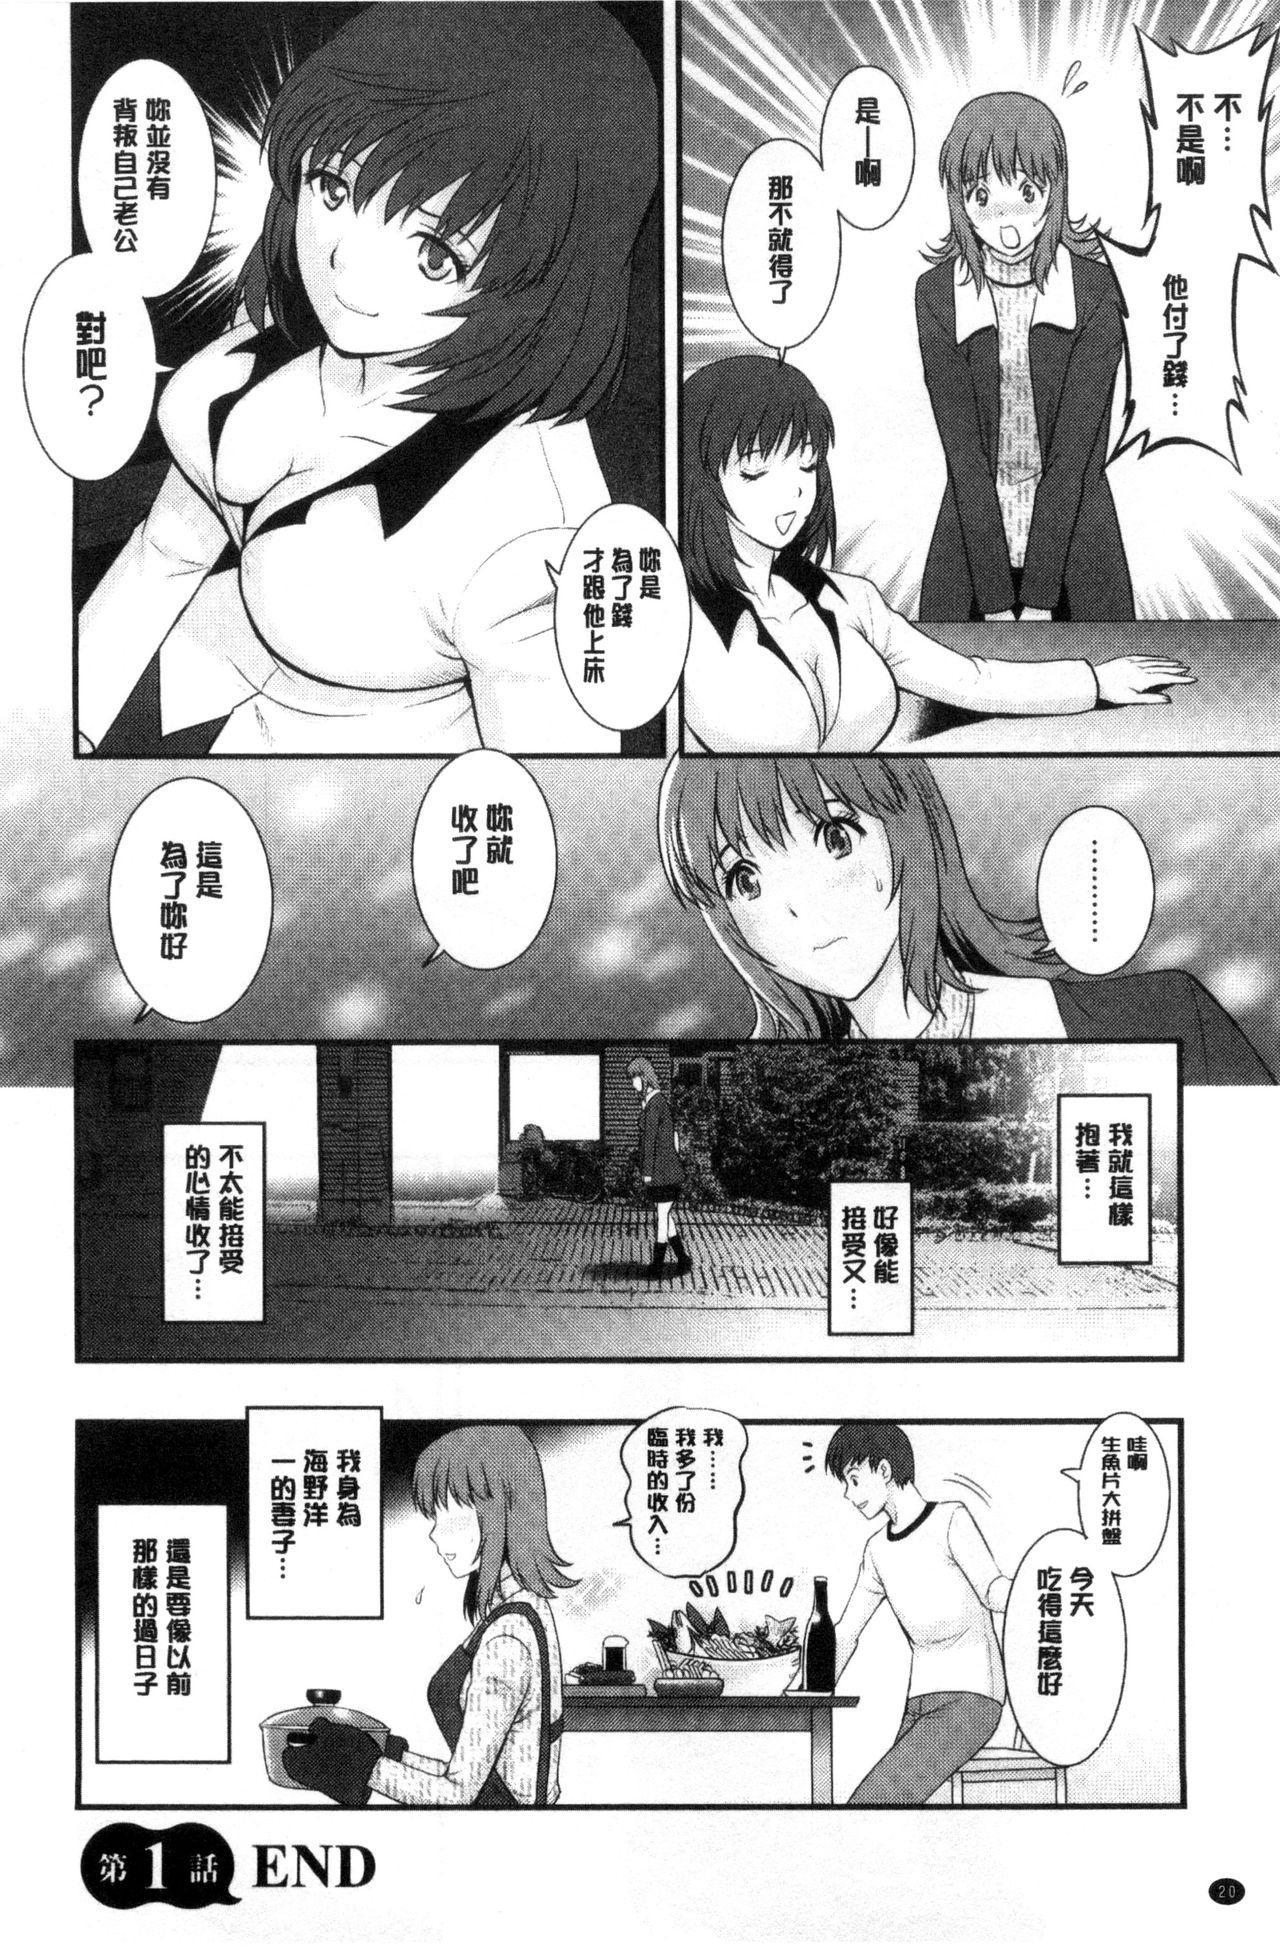 [Saigado] Part Time Manaka-san Wakazuma Enjokousai-ki | 兼職打工的愛花小姐 [Chinese] 20